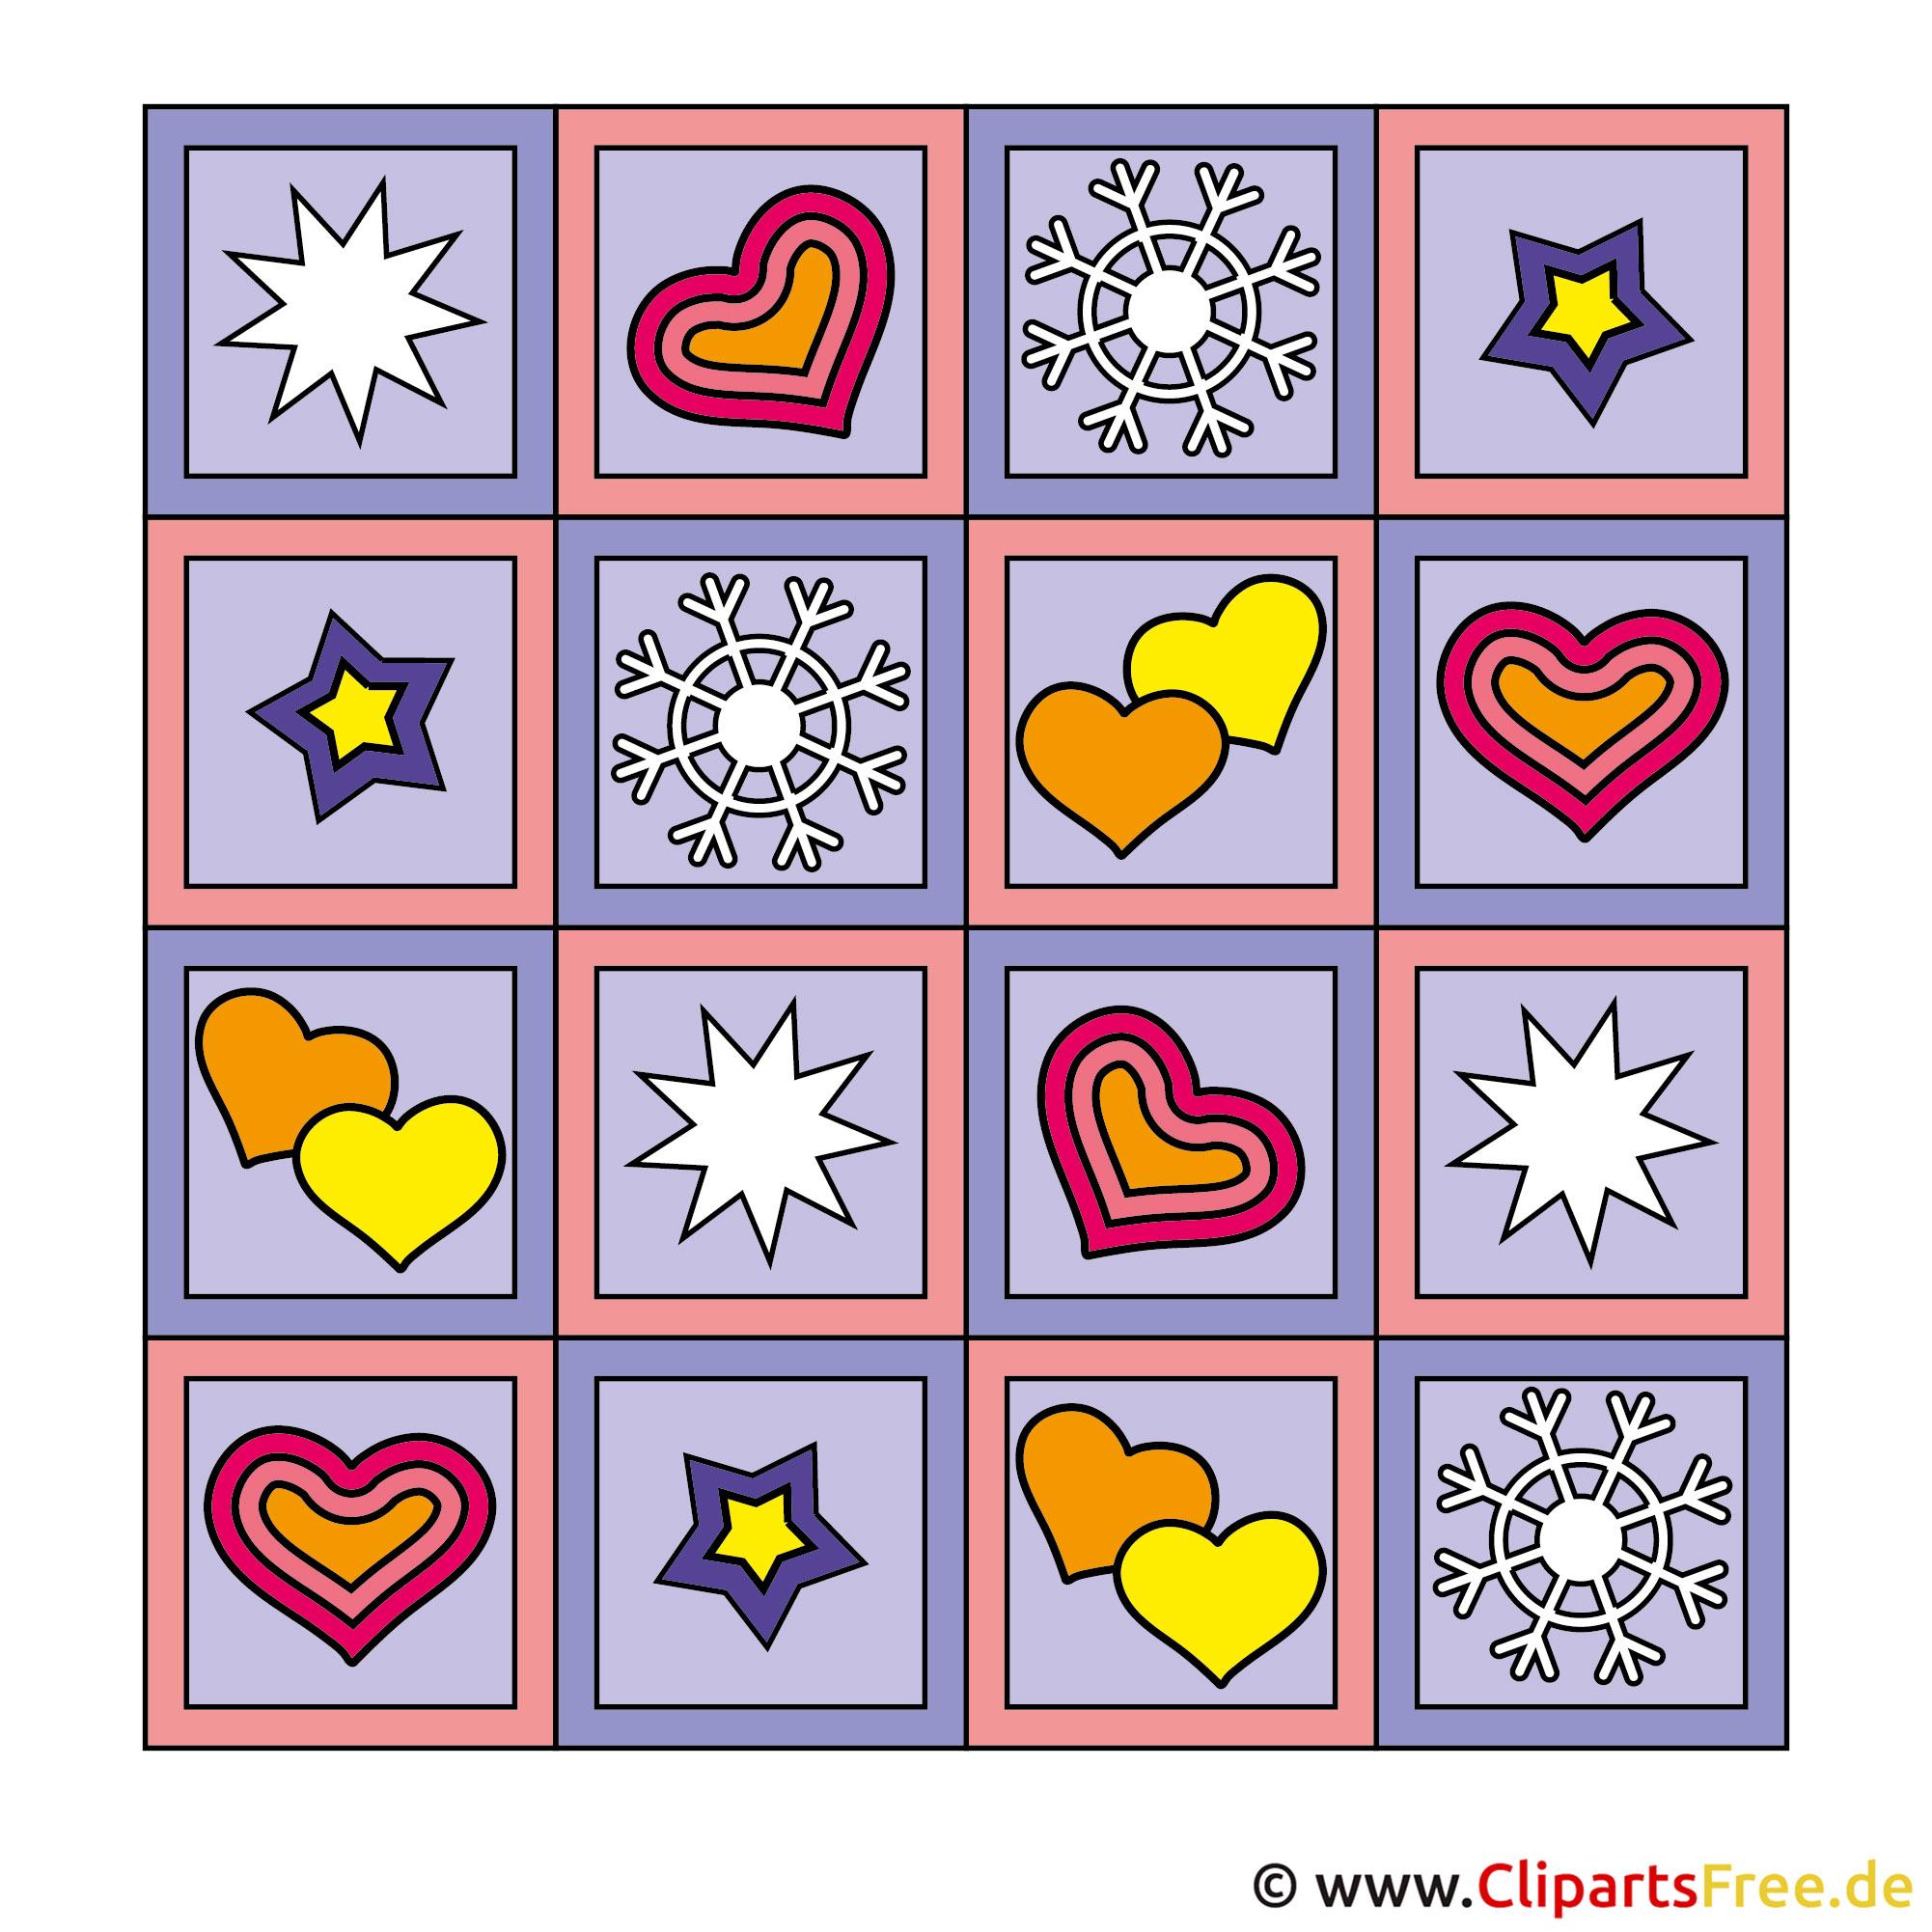 Kostenlose valentinstag bilder - Valentinstag bilder kostenlos ...